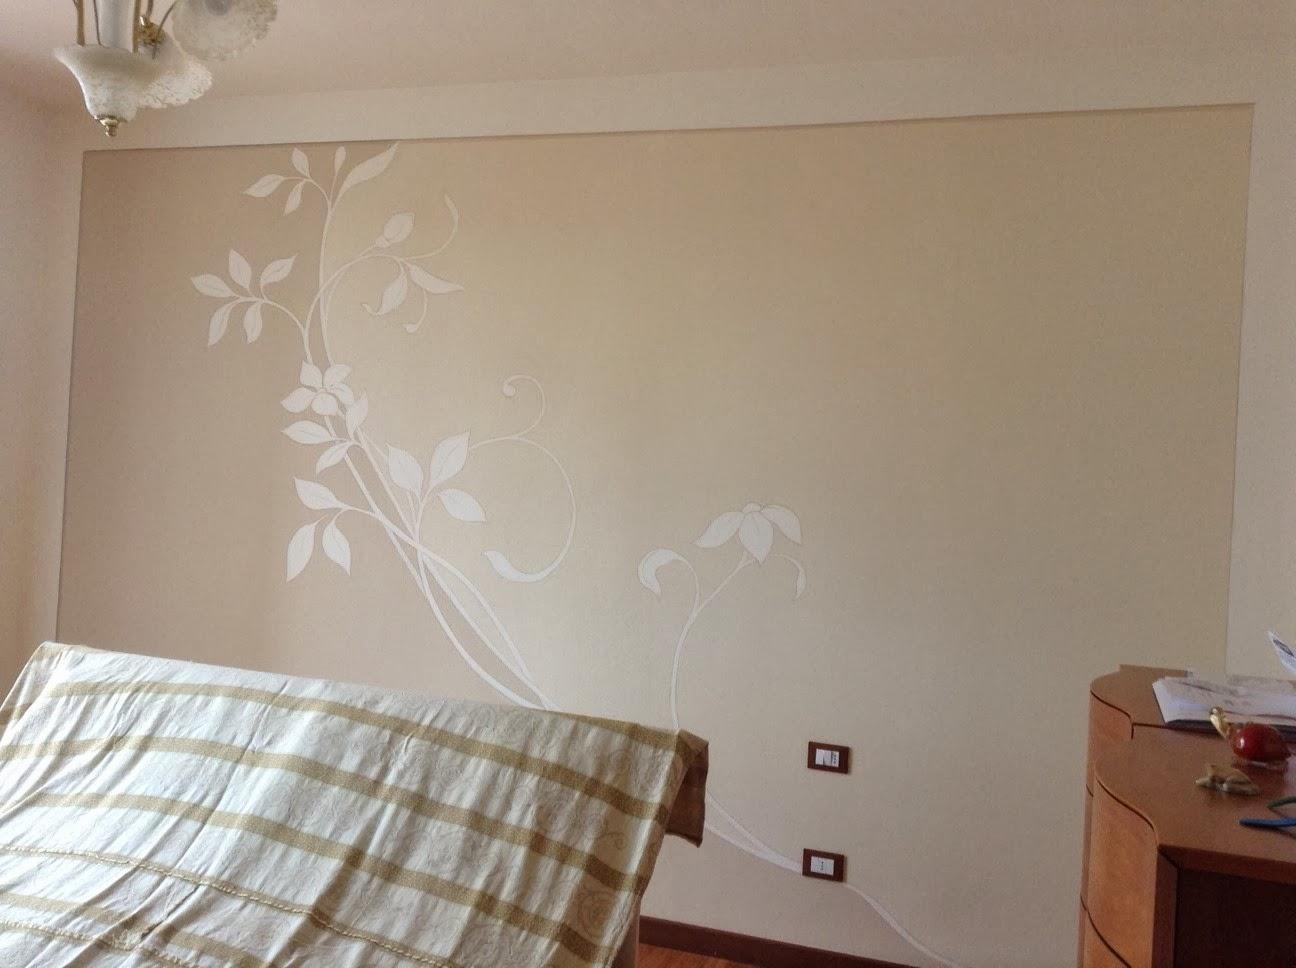 Decorazioni pareti camerette idee di design per la casa for Decorazioni pareti casa